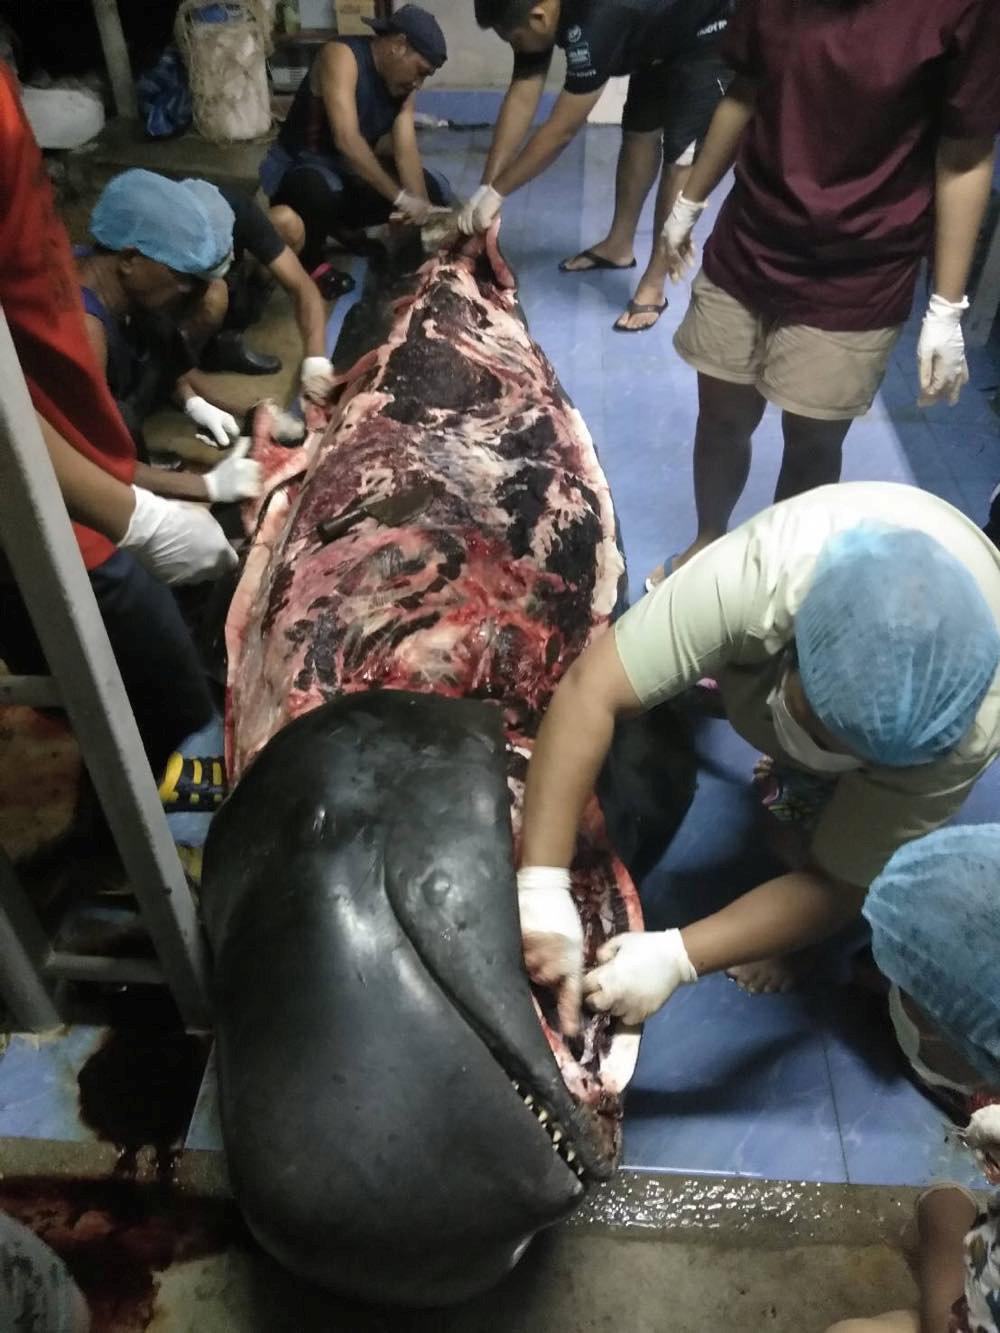 La ballena tenía el estómago lleno de plástico